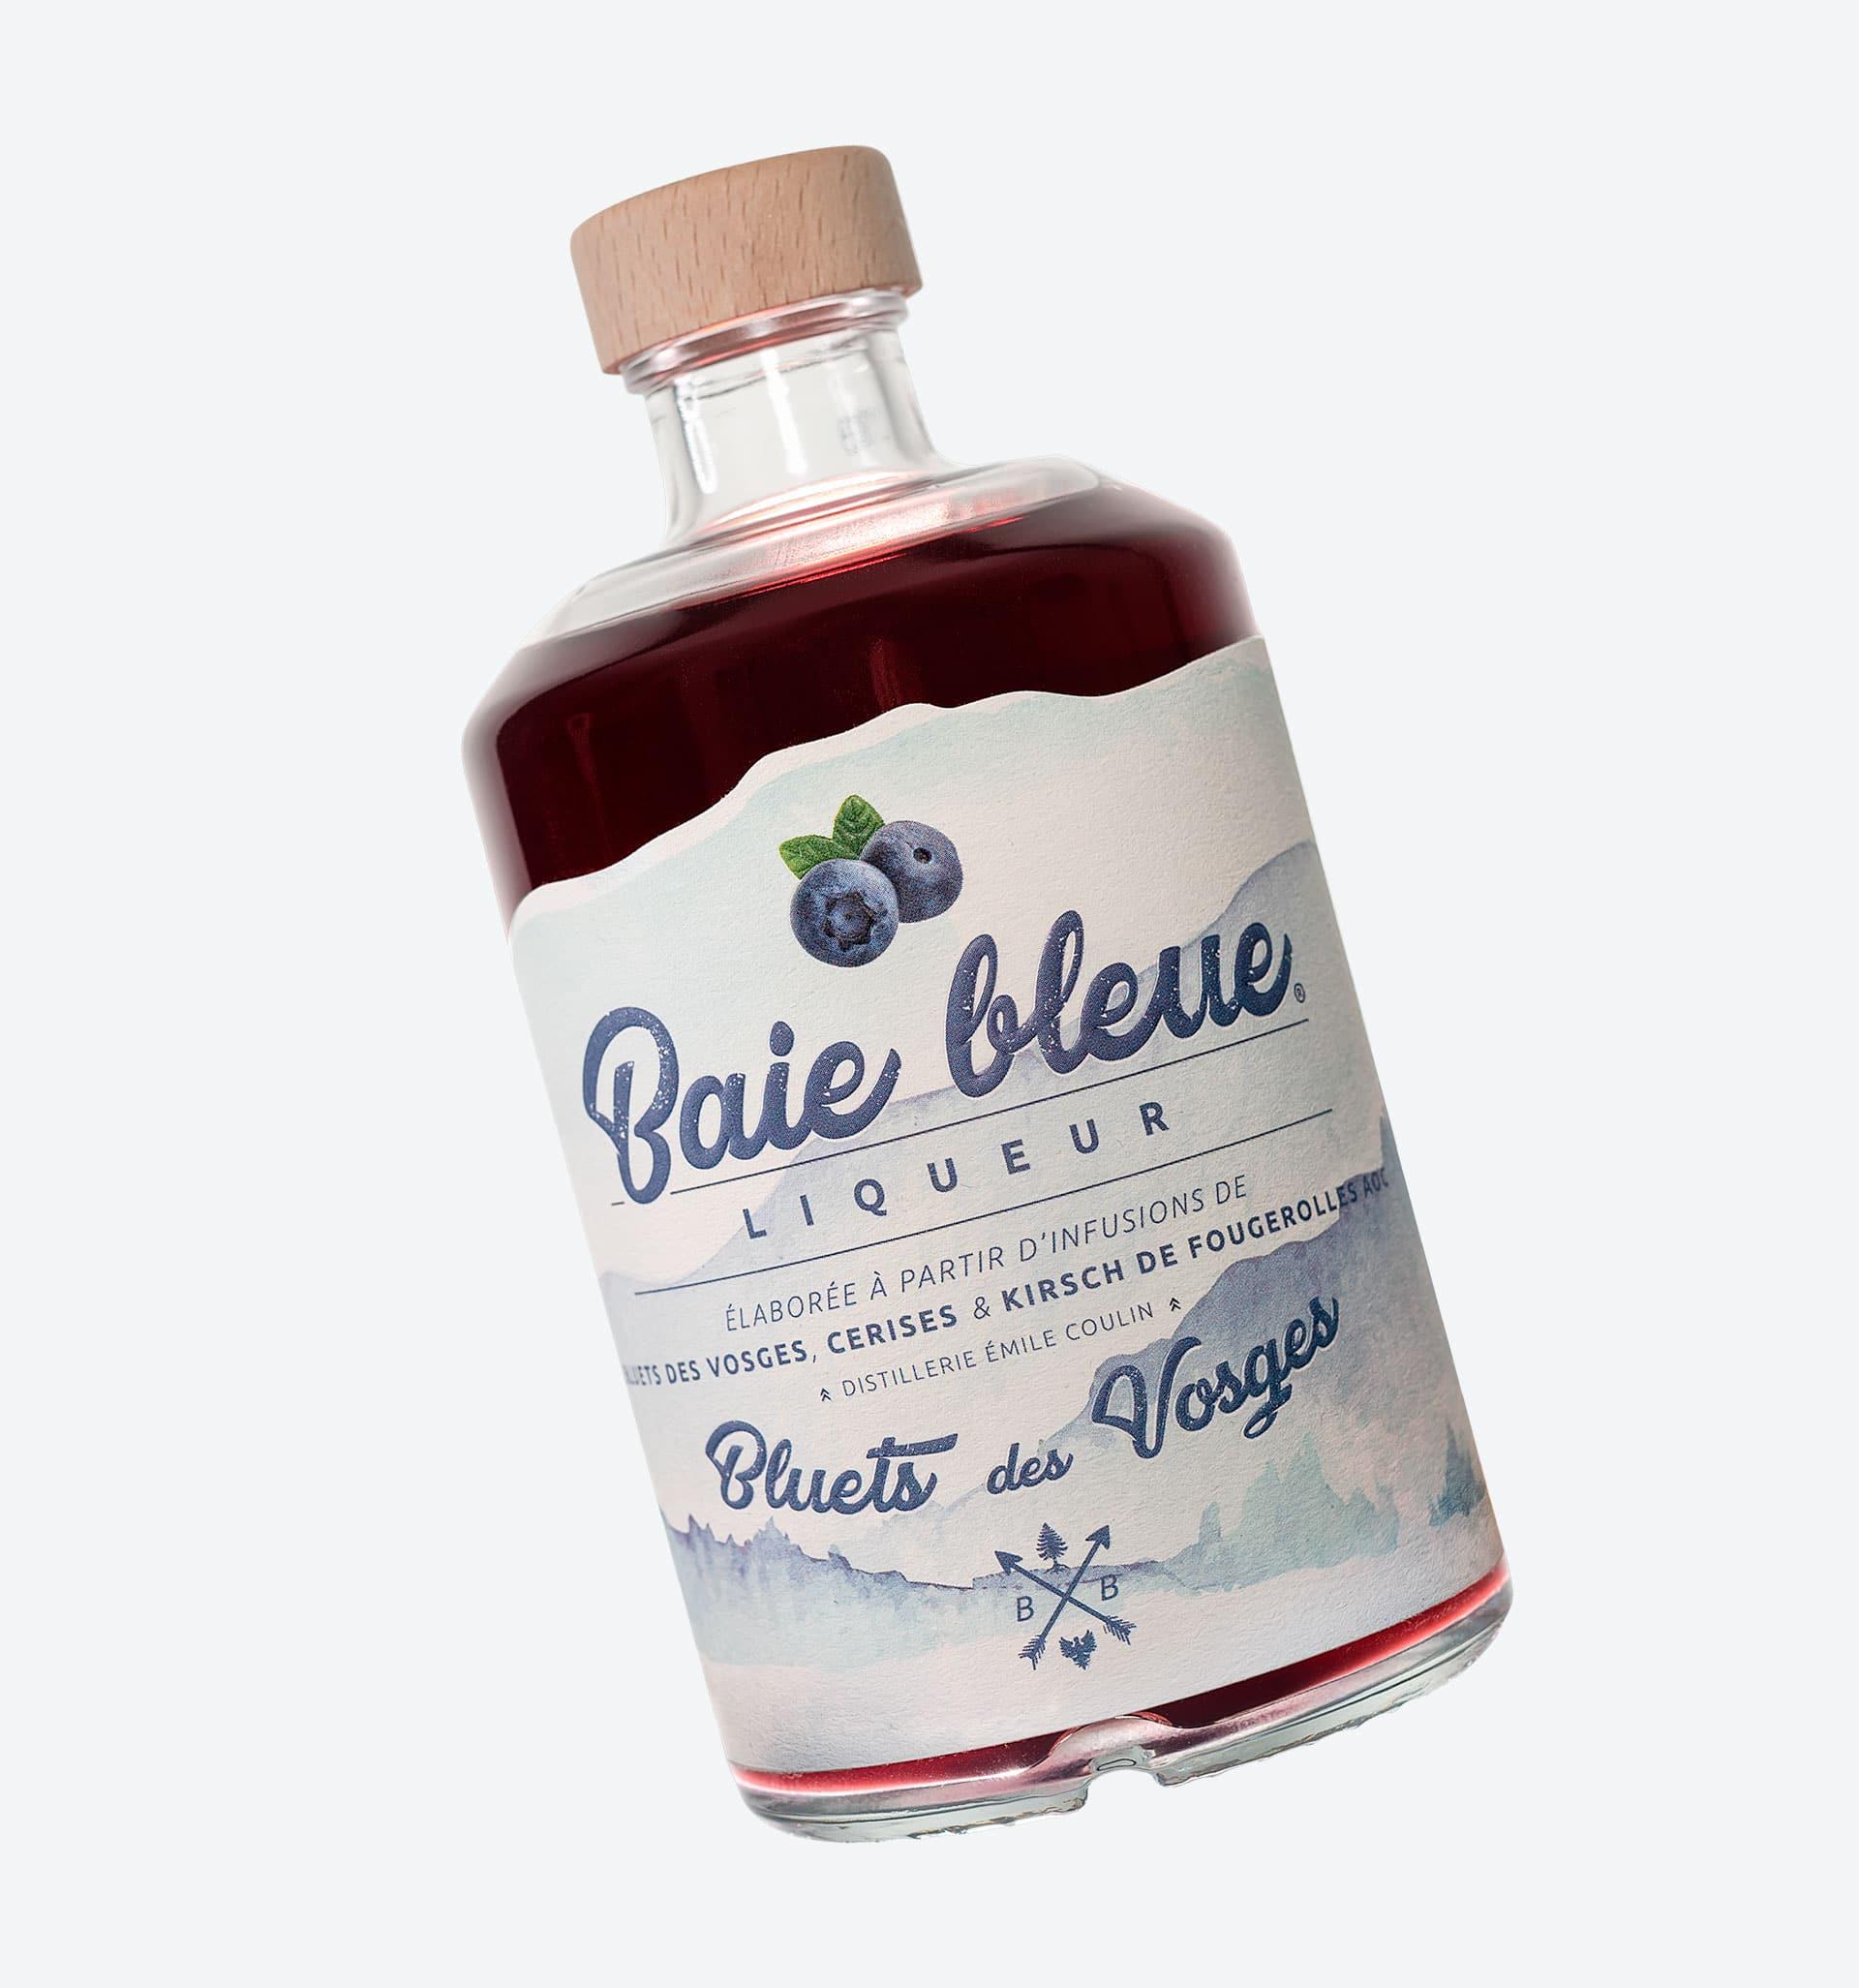 Bottle Blueberry Liqueur